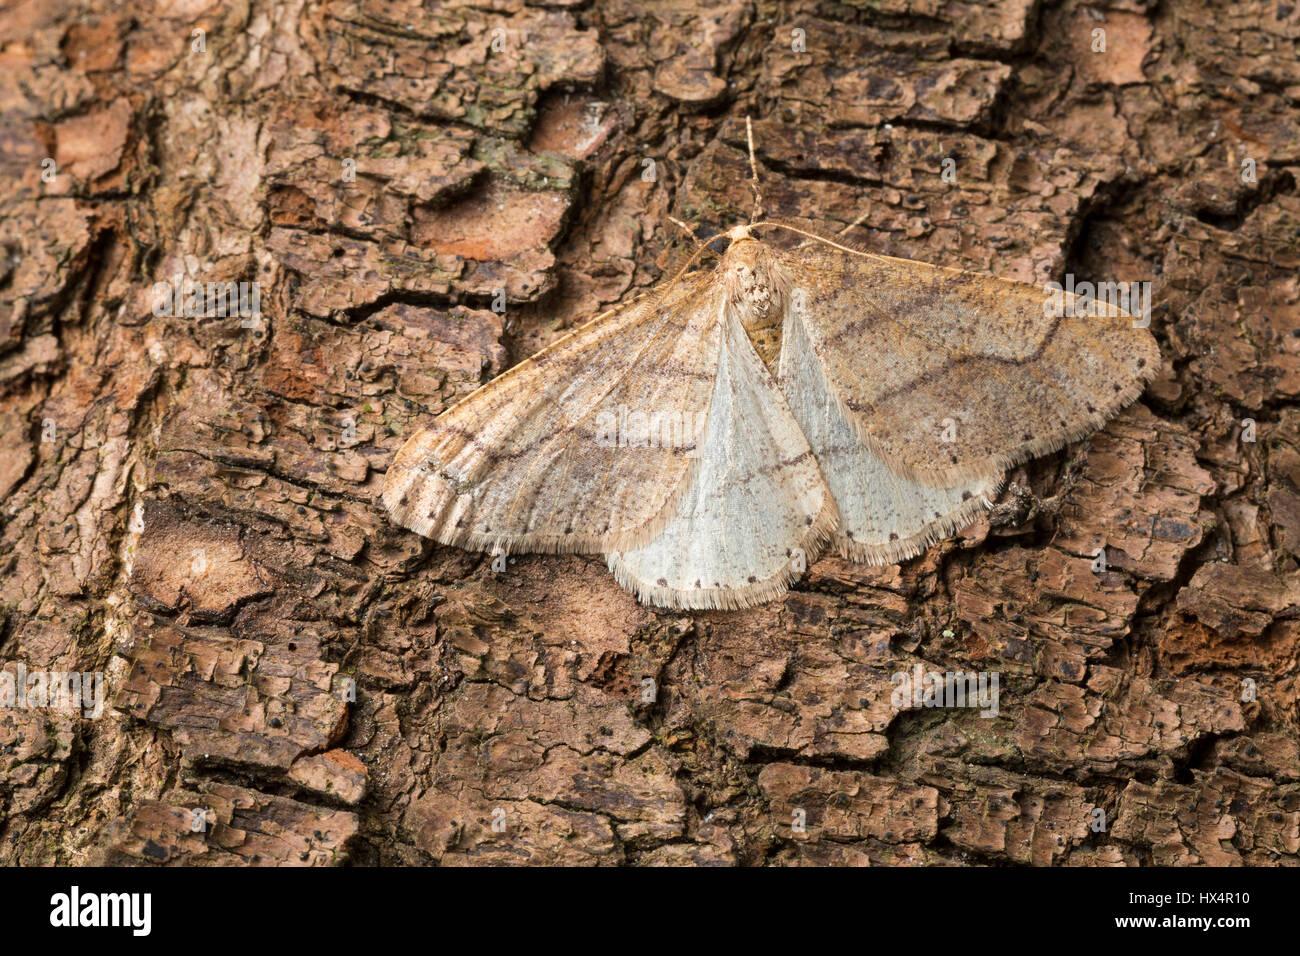 Graugelber Breitflügelspanner, Breitflügel-Spanner, Männchen, Agriopis marginaria, dotted border, - Stock Image